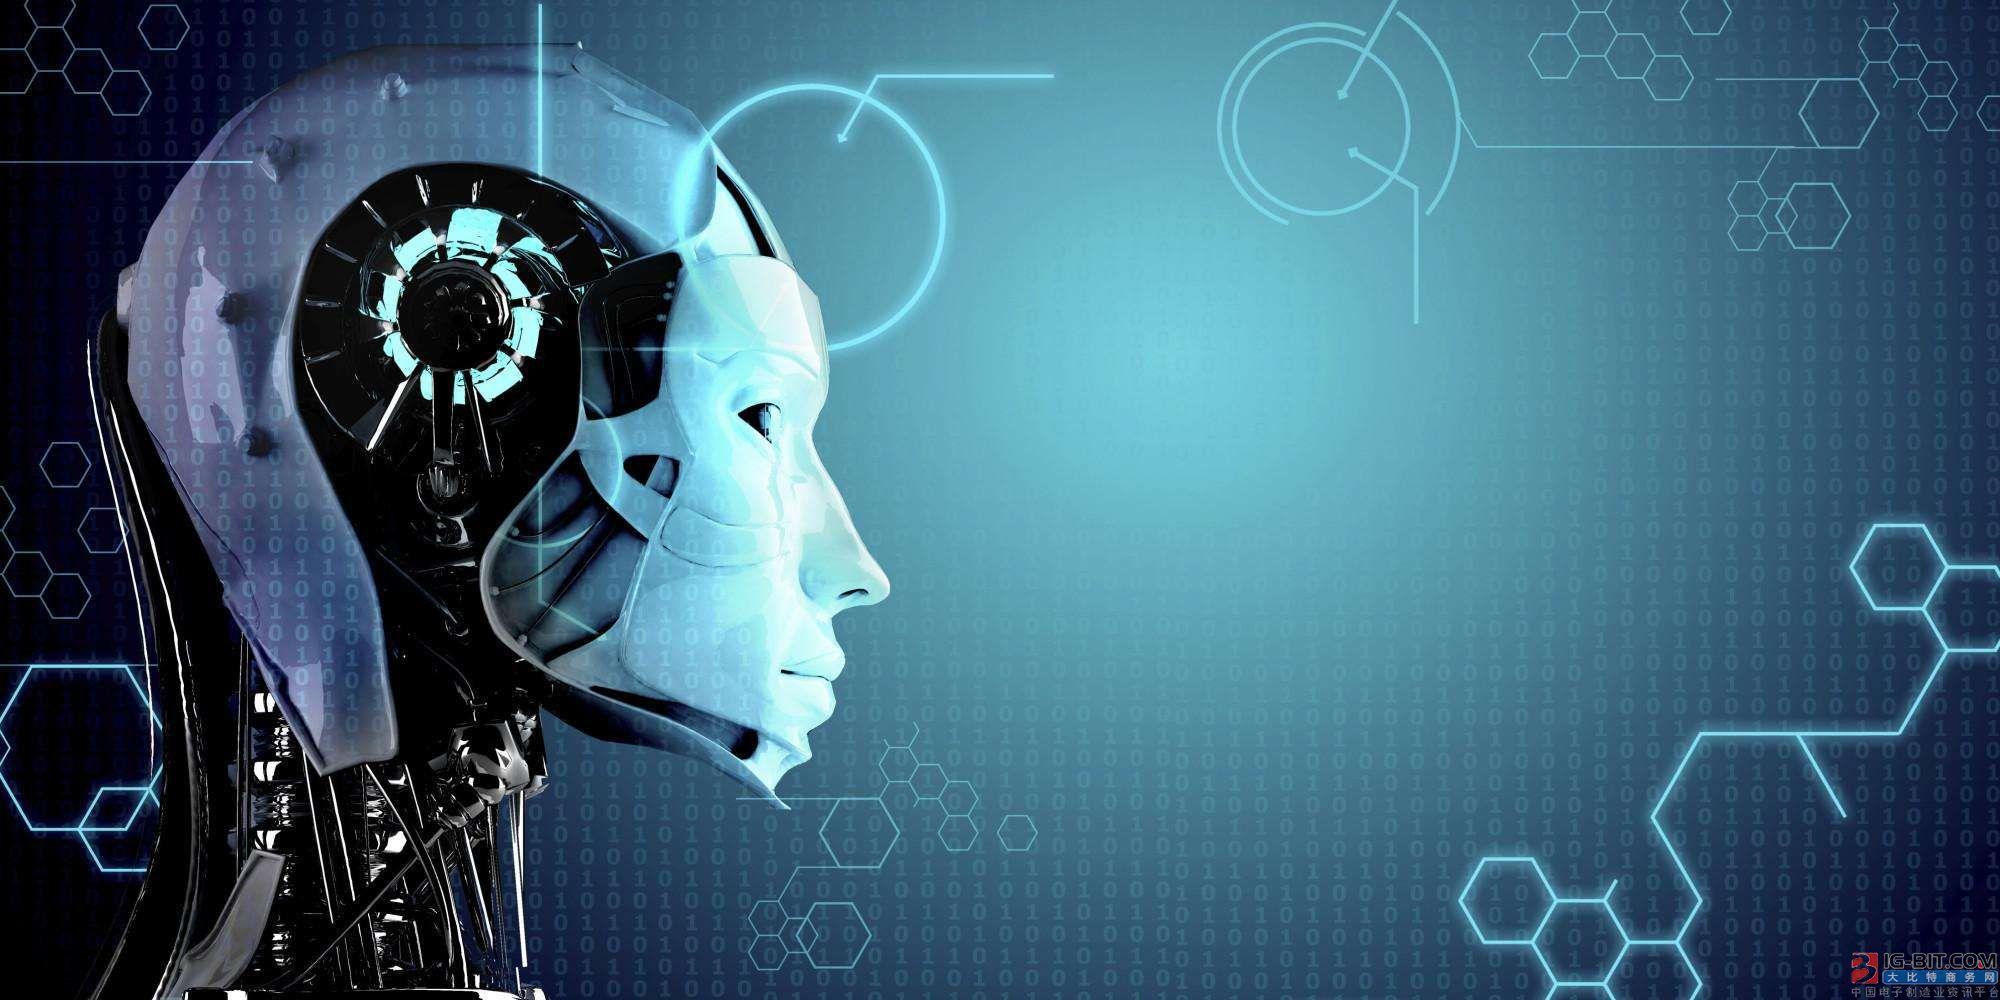 人工智能语音识别发展起飞,进一步带动MEMS麦克风的需求